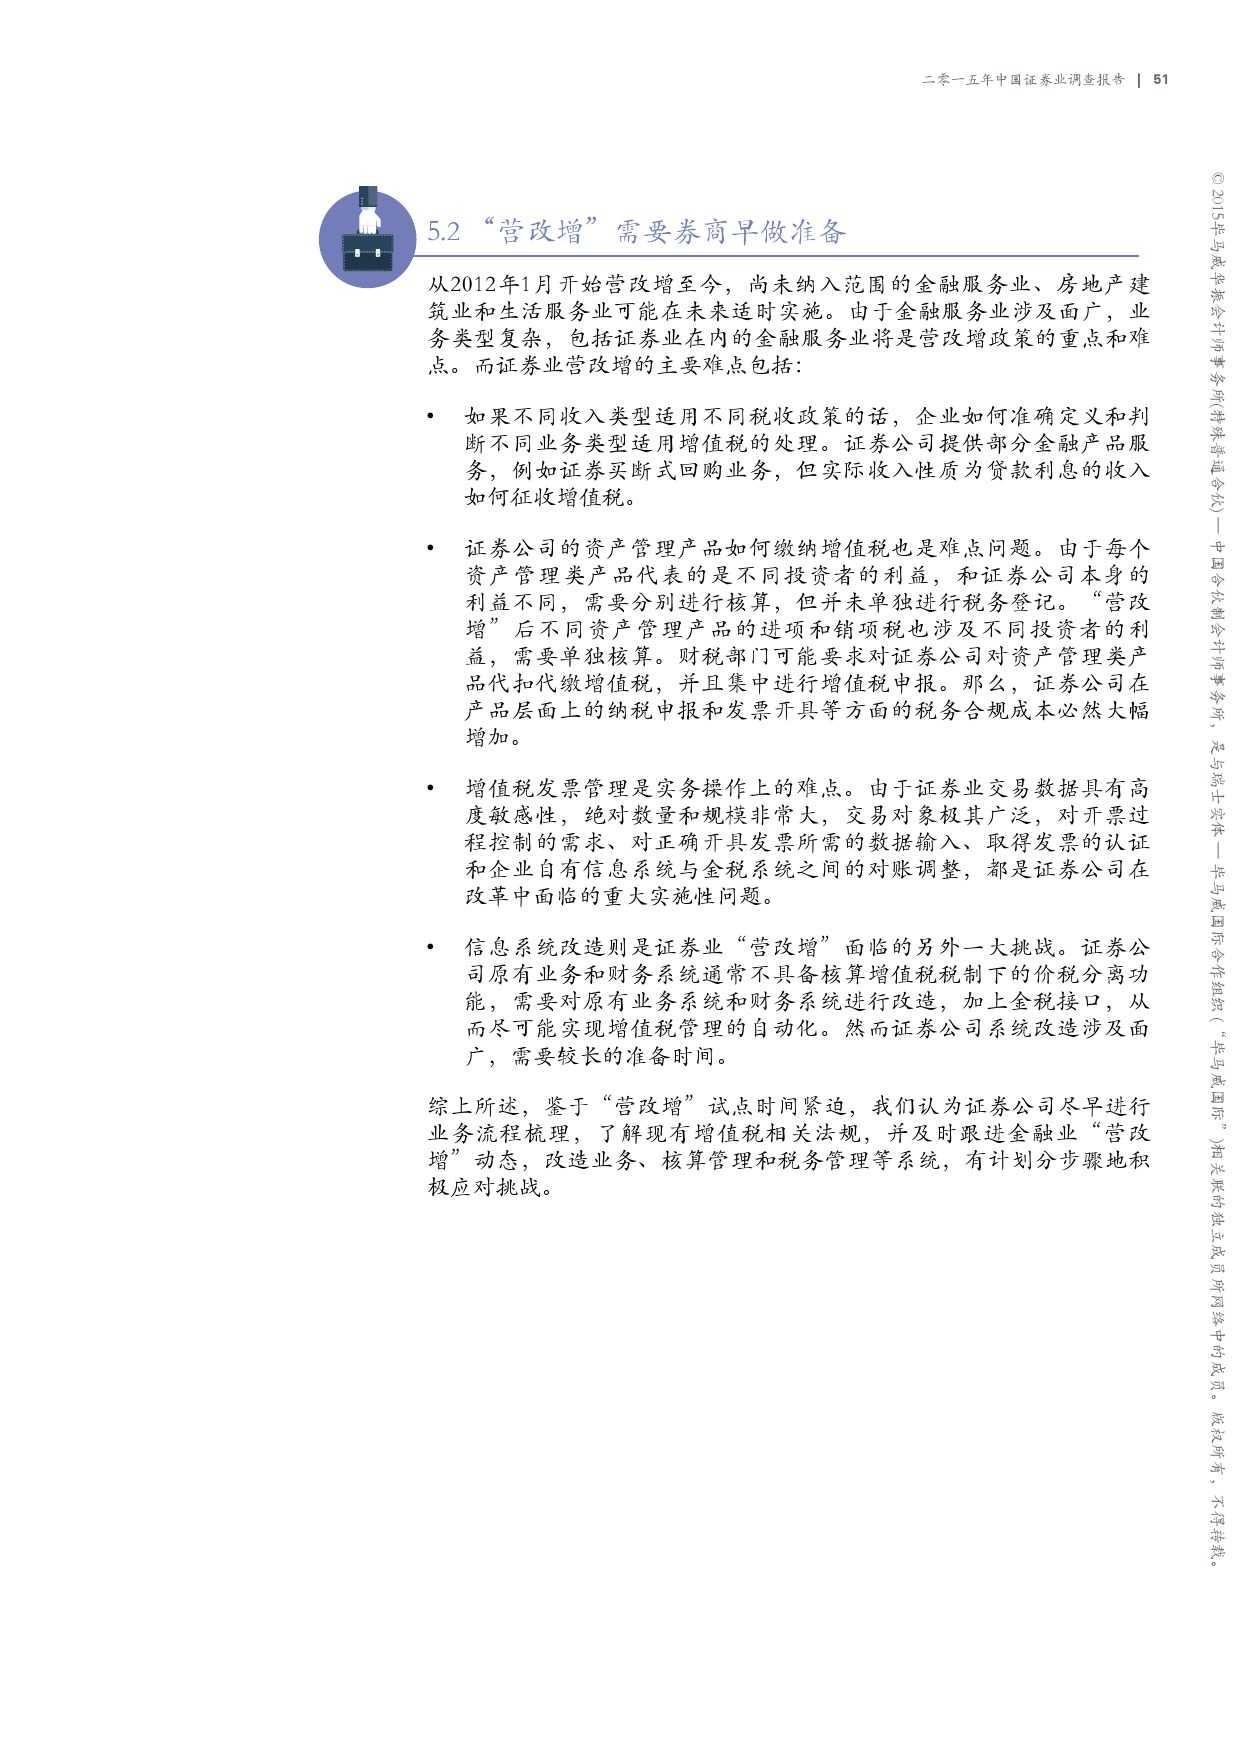 毕马威:2015年中国证券业调查报告_000053